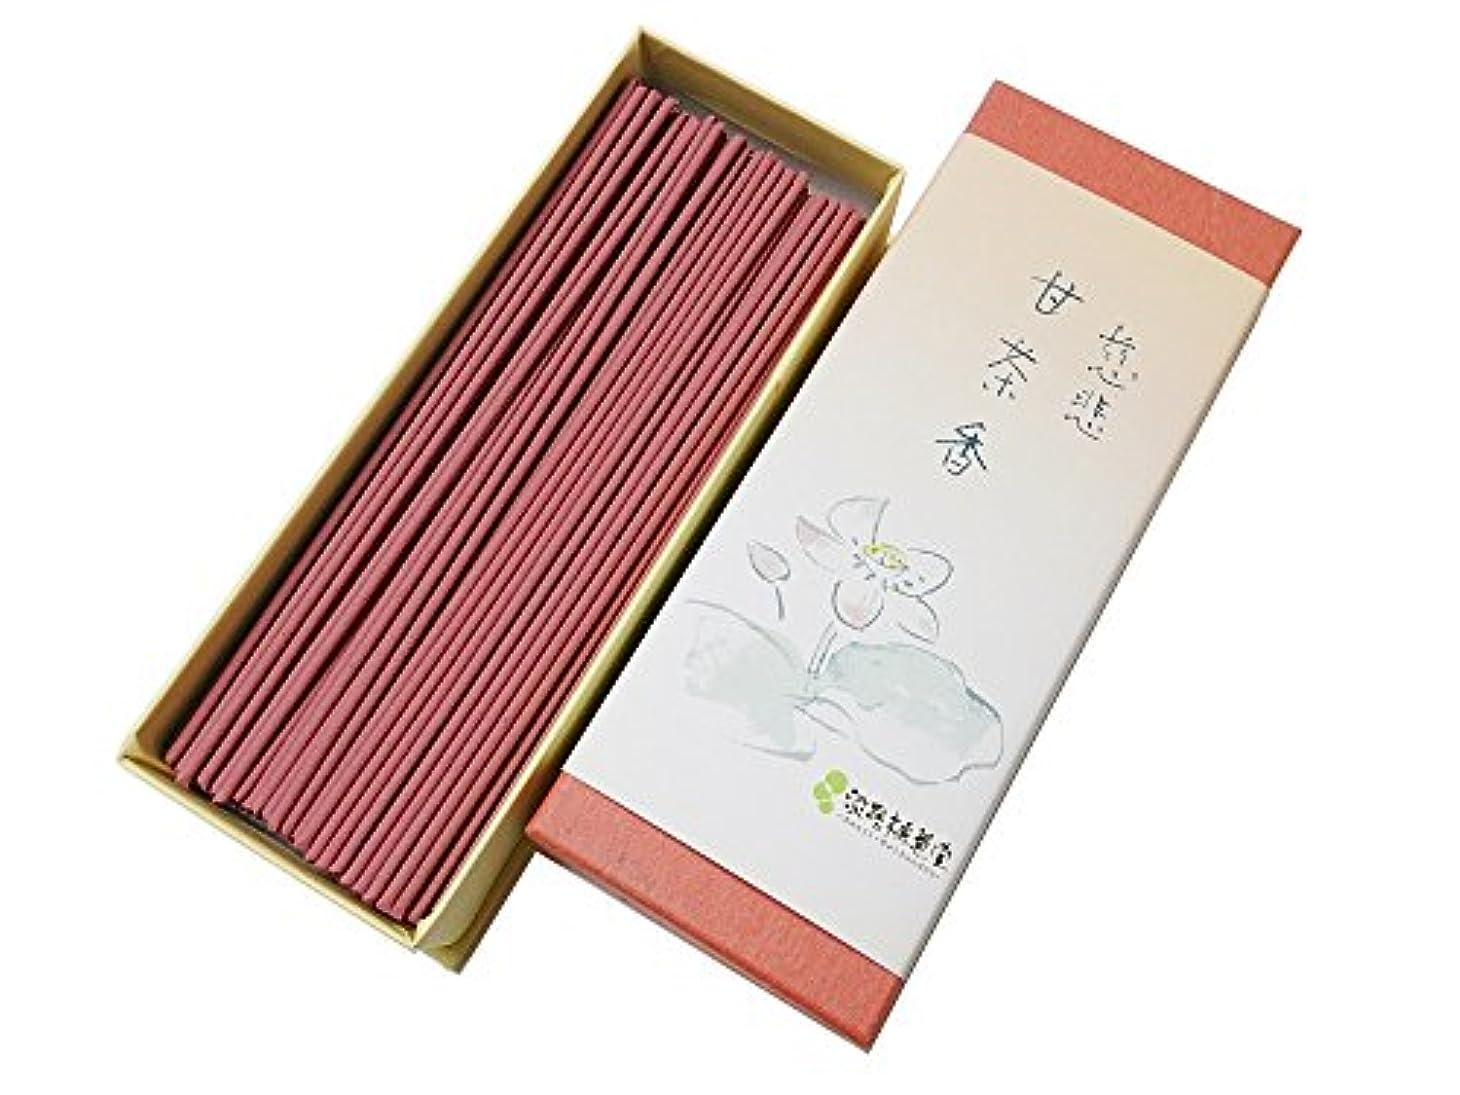 連結するかもめアクセス淡路梅薫堂のお線香 慈悲甘茶香 50g FBA amazon prime お香スティック 香りの良い御線香 いい香り いい匂い 高級線香 #24